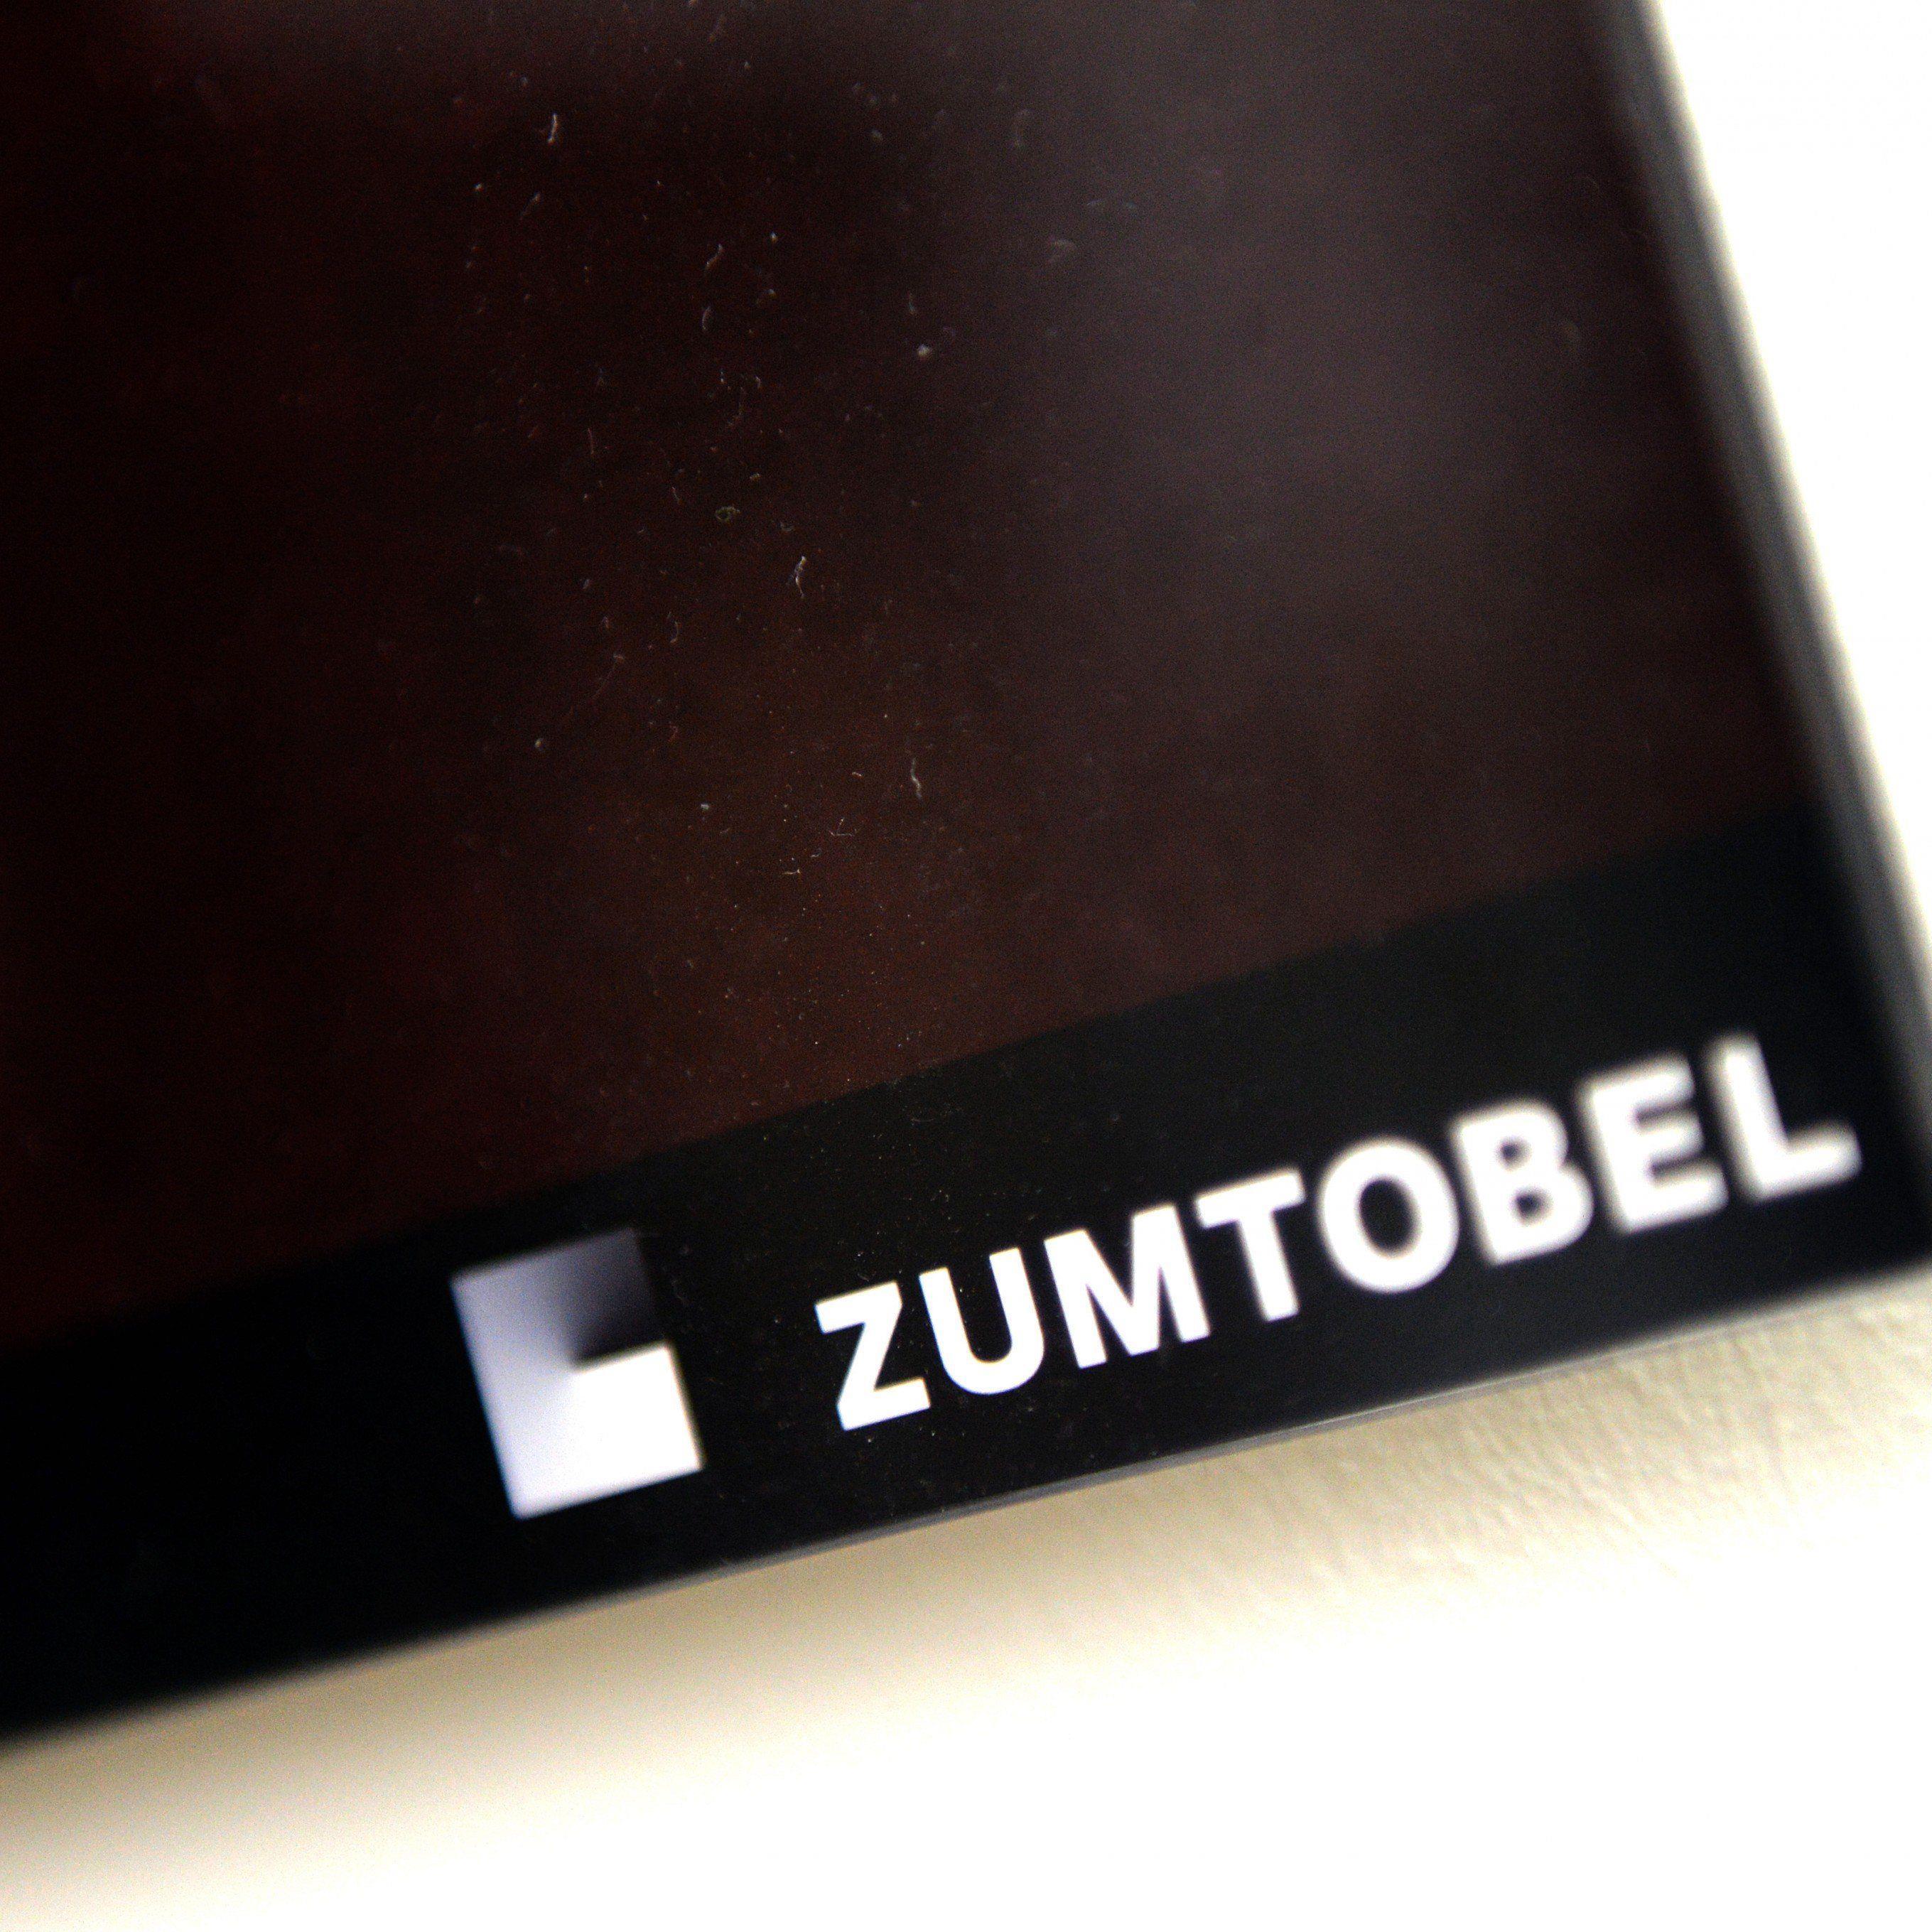 Zumtobel verlegt sein Fertigwarenlager nach Deutschland.